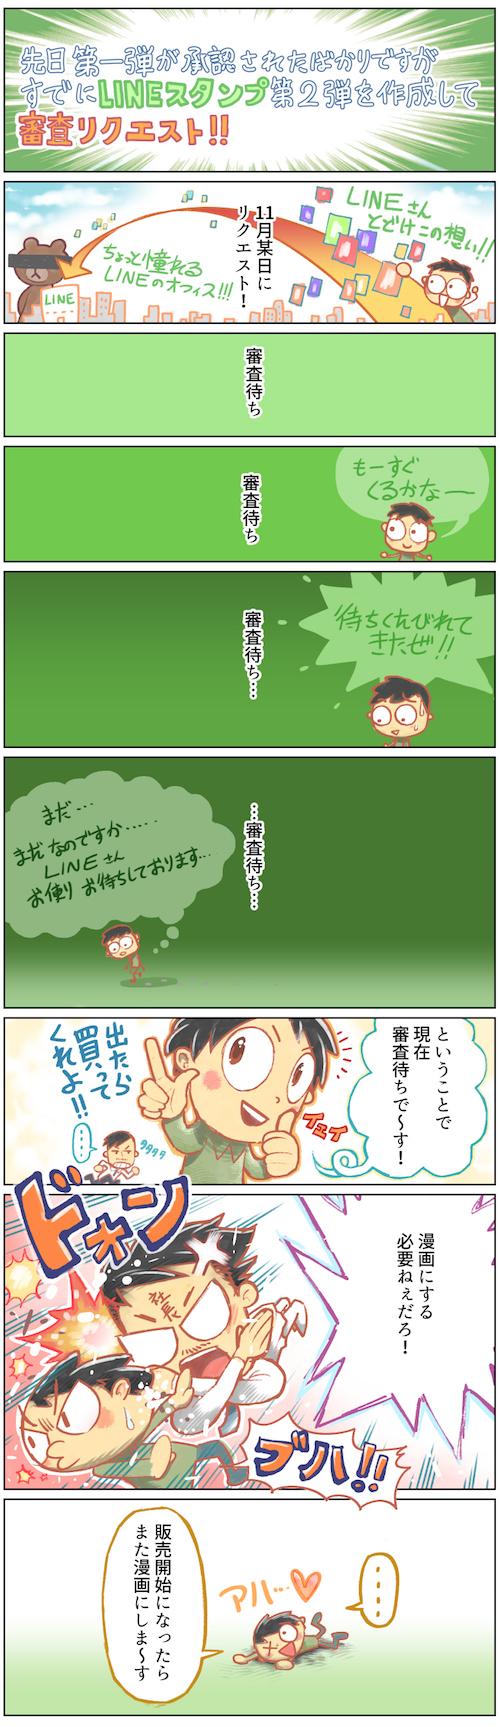 weekly_comic_10.jpg